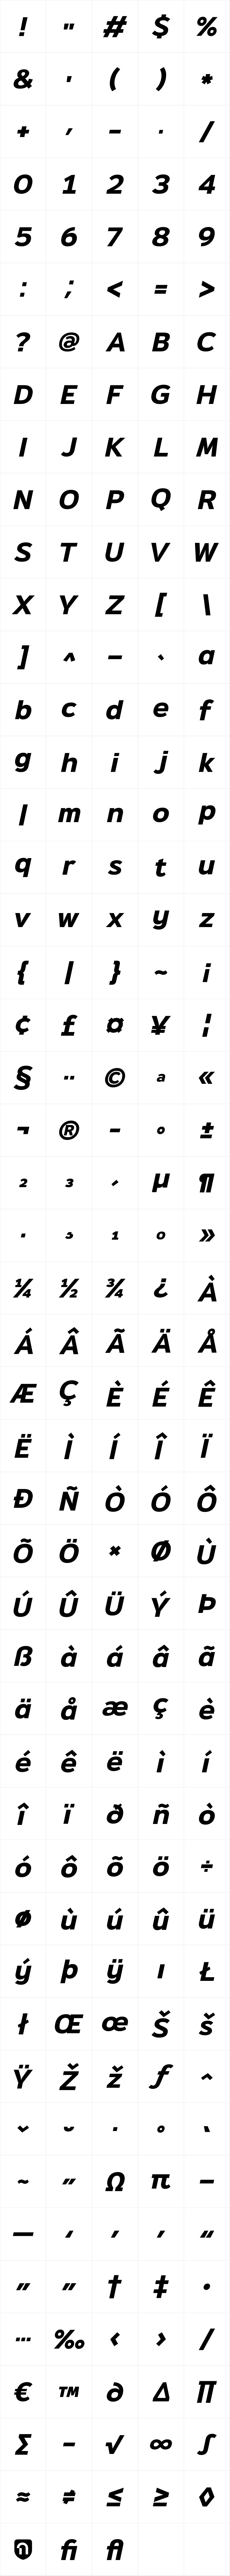 Rigo Bold Italic